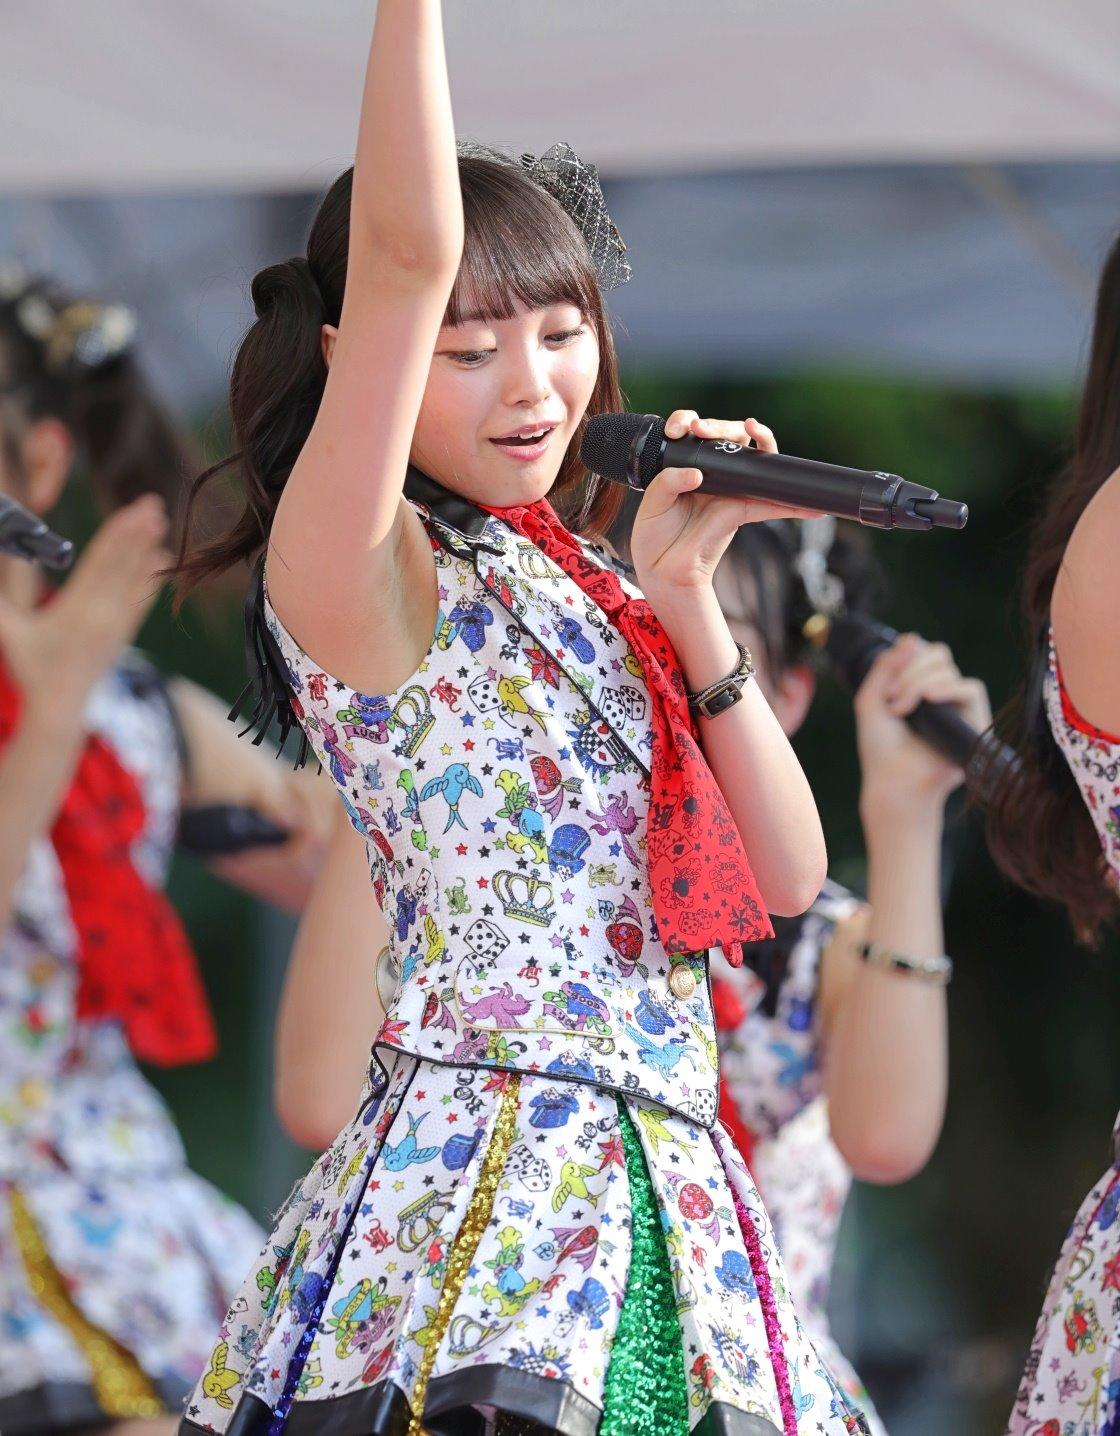 AKB48フレッシュ選抜メンバーの腋見せライブ (11)